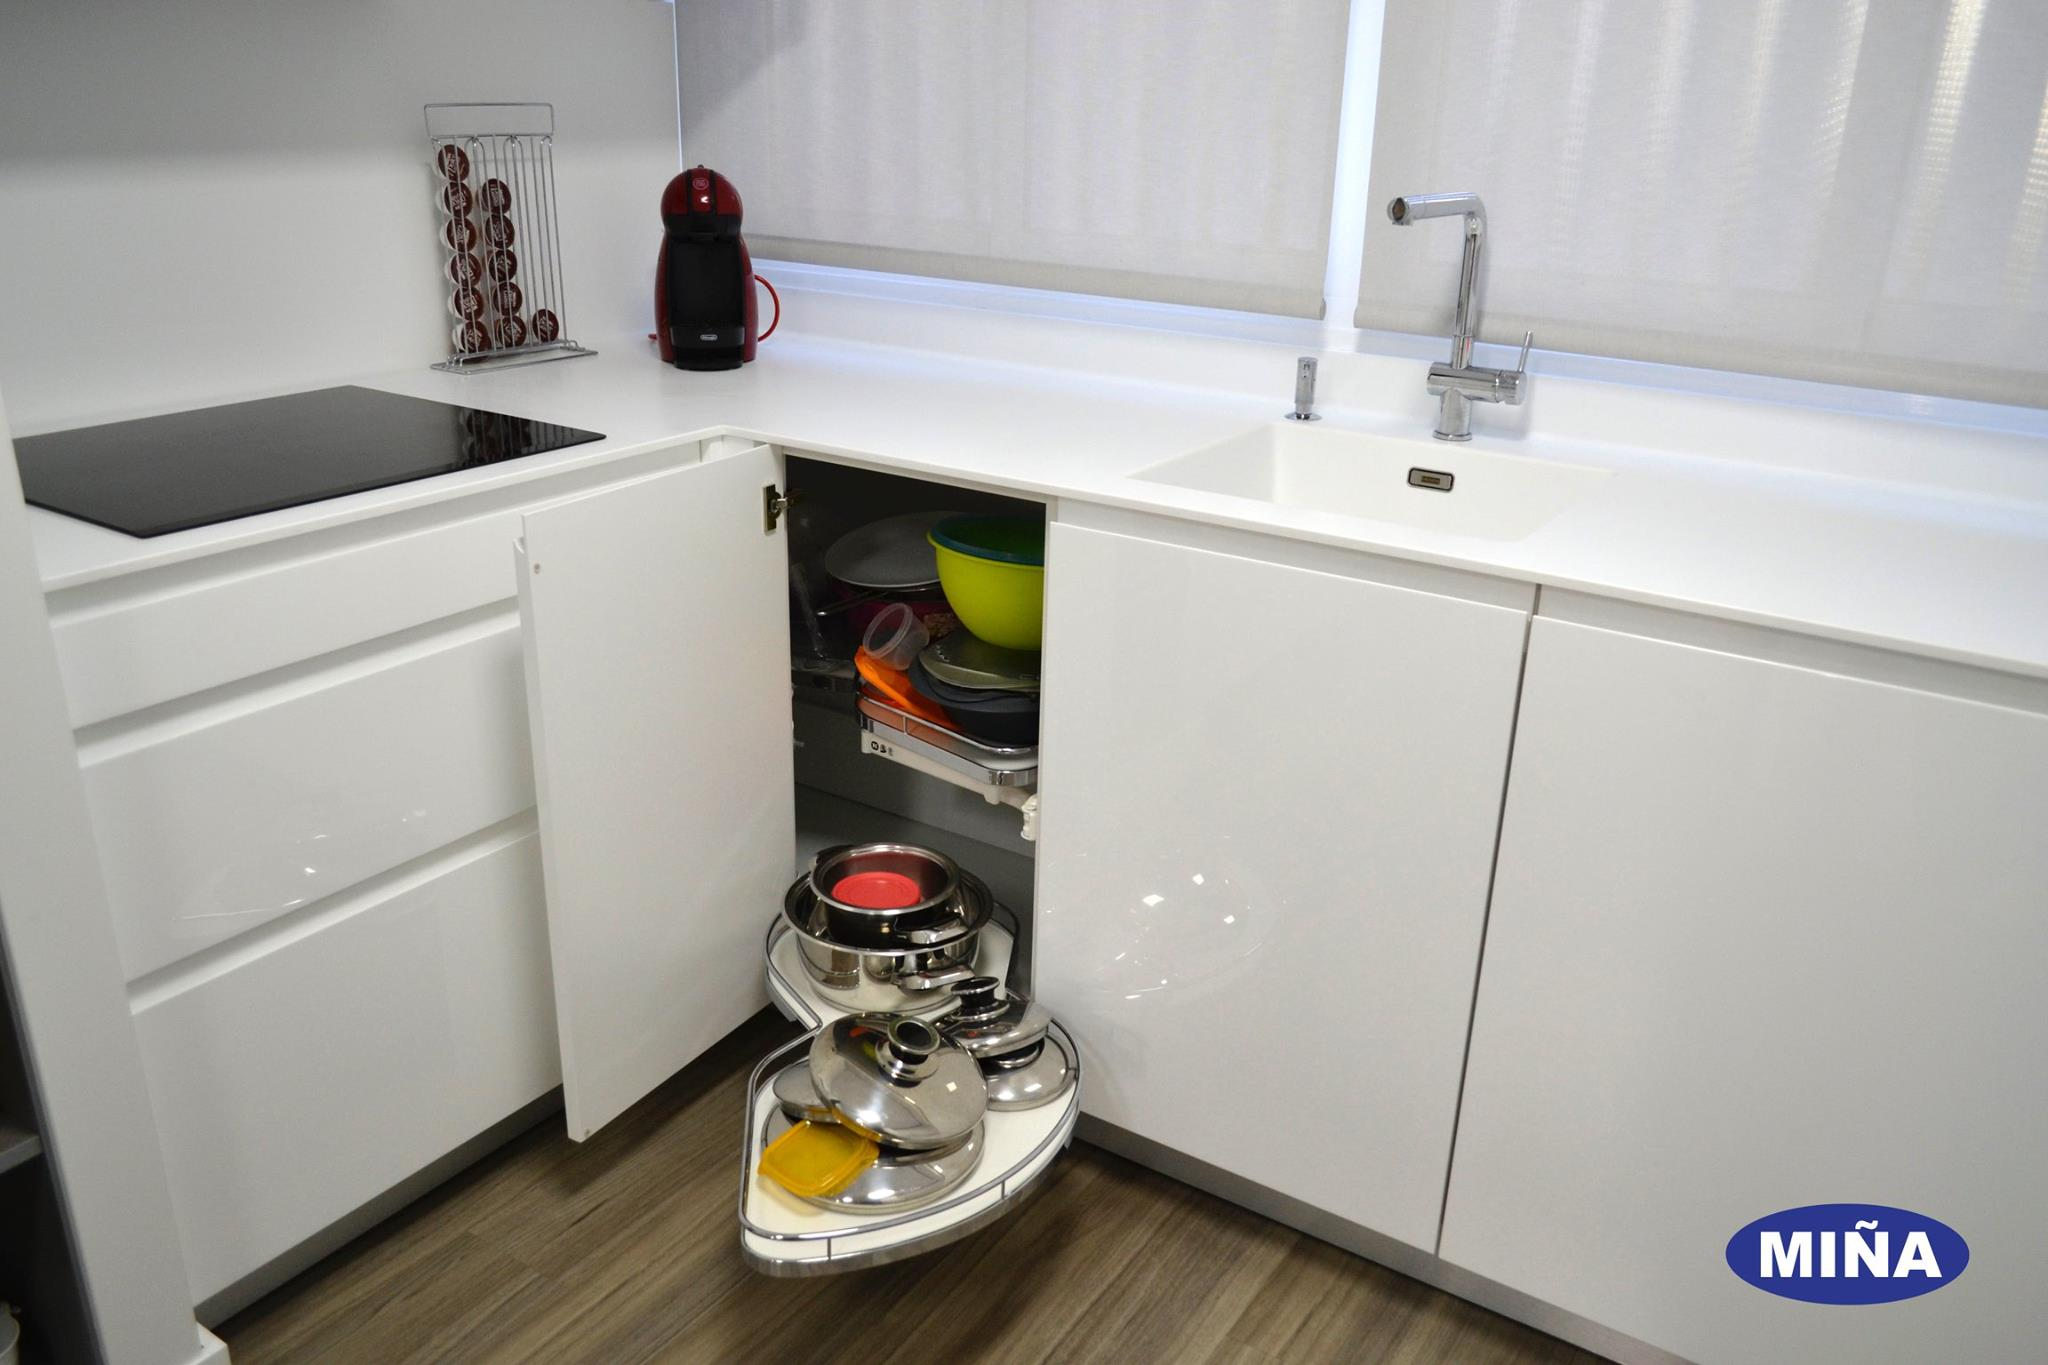 Great almacenaje cocina images gallery ideas para almacenaje de cocinas decofilia ideas - Almacenaje de cocina ...